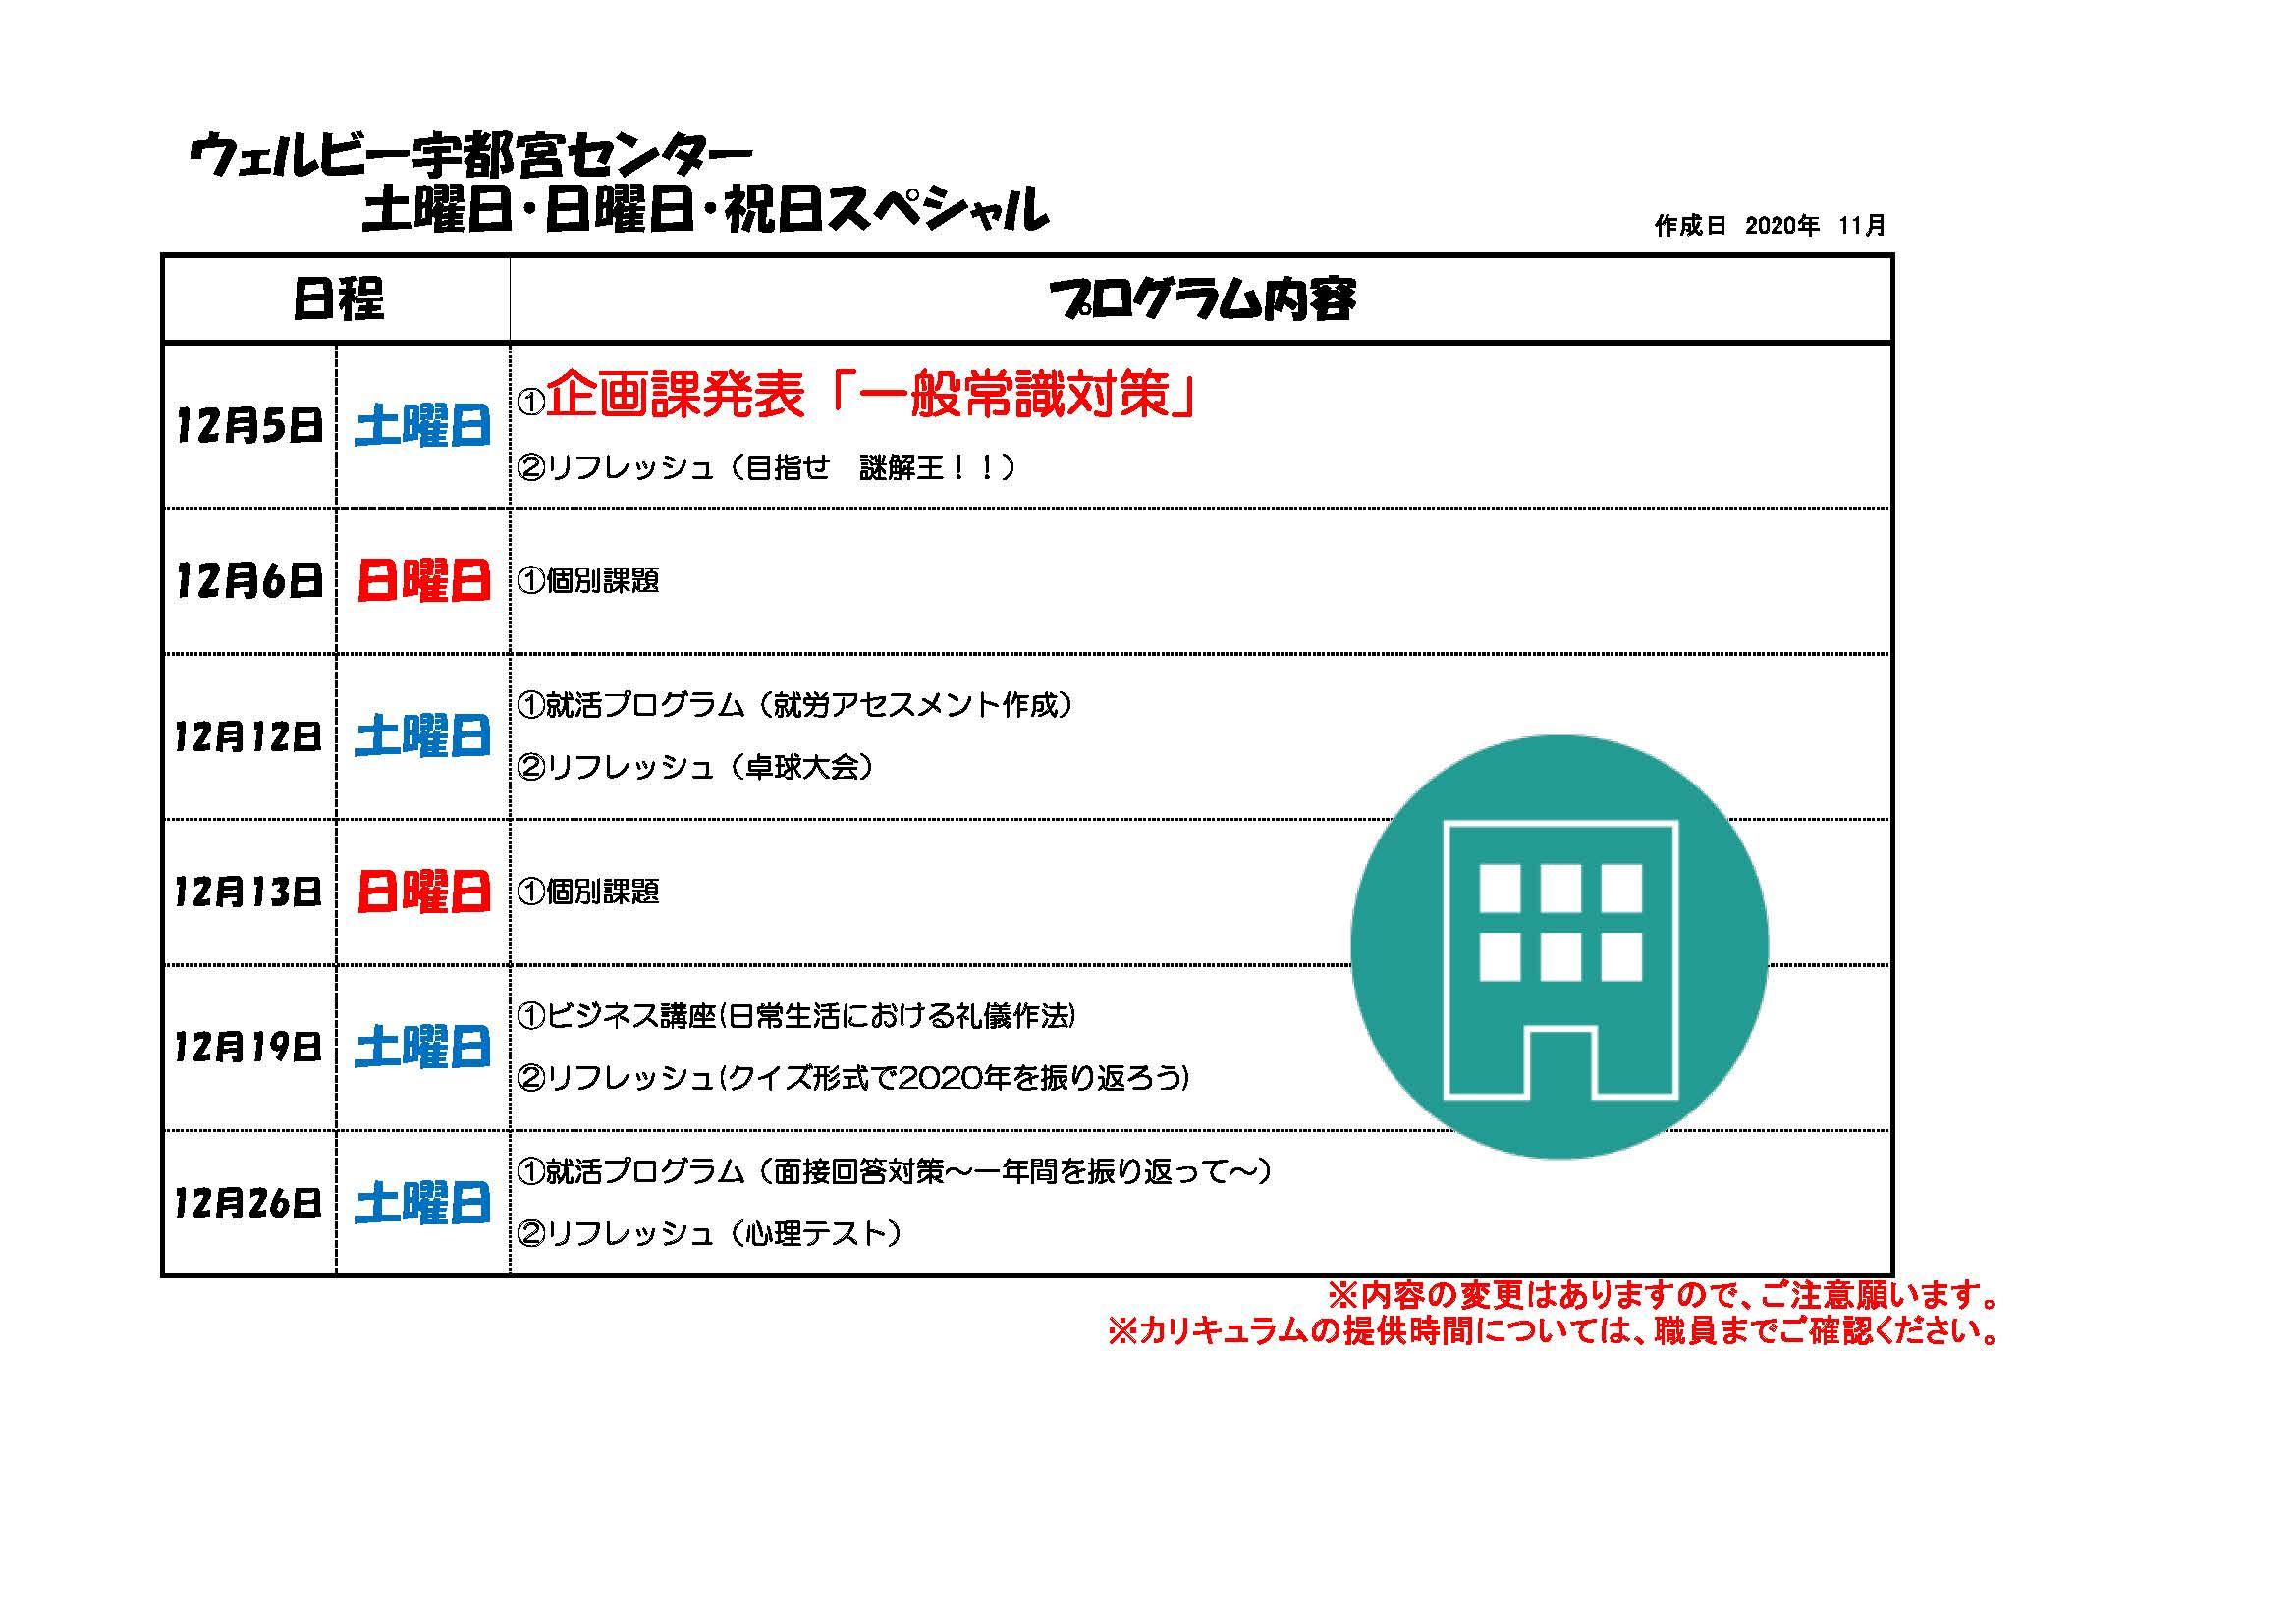 【ブログ用】2020.12月土日祝日予定表